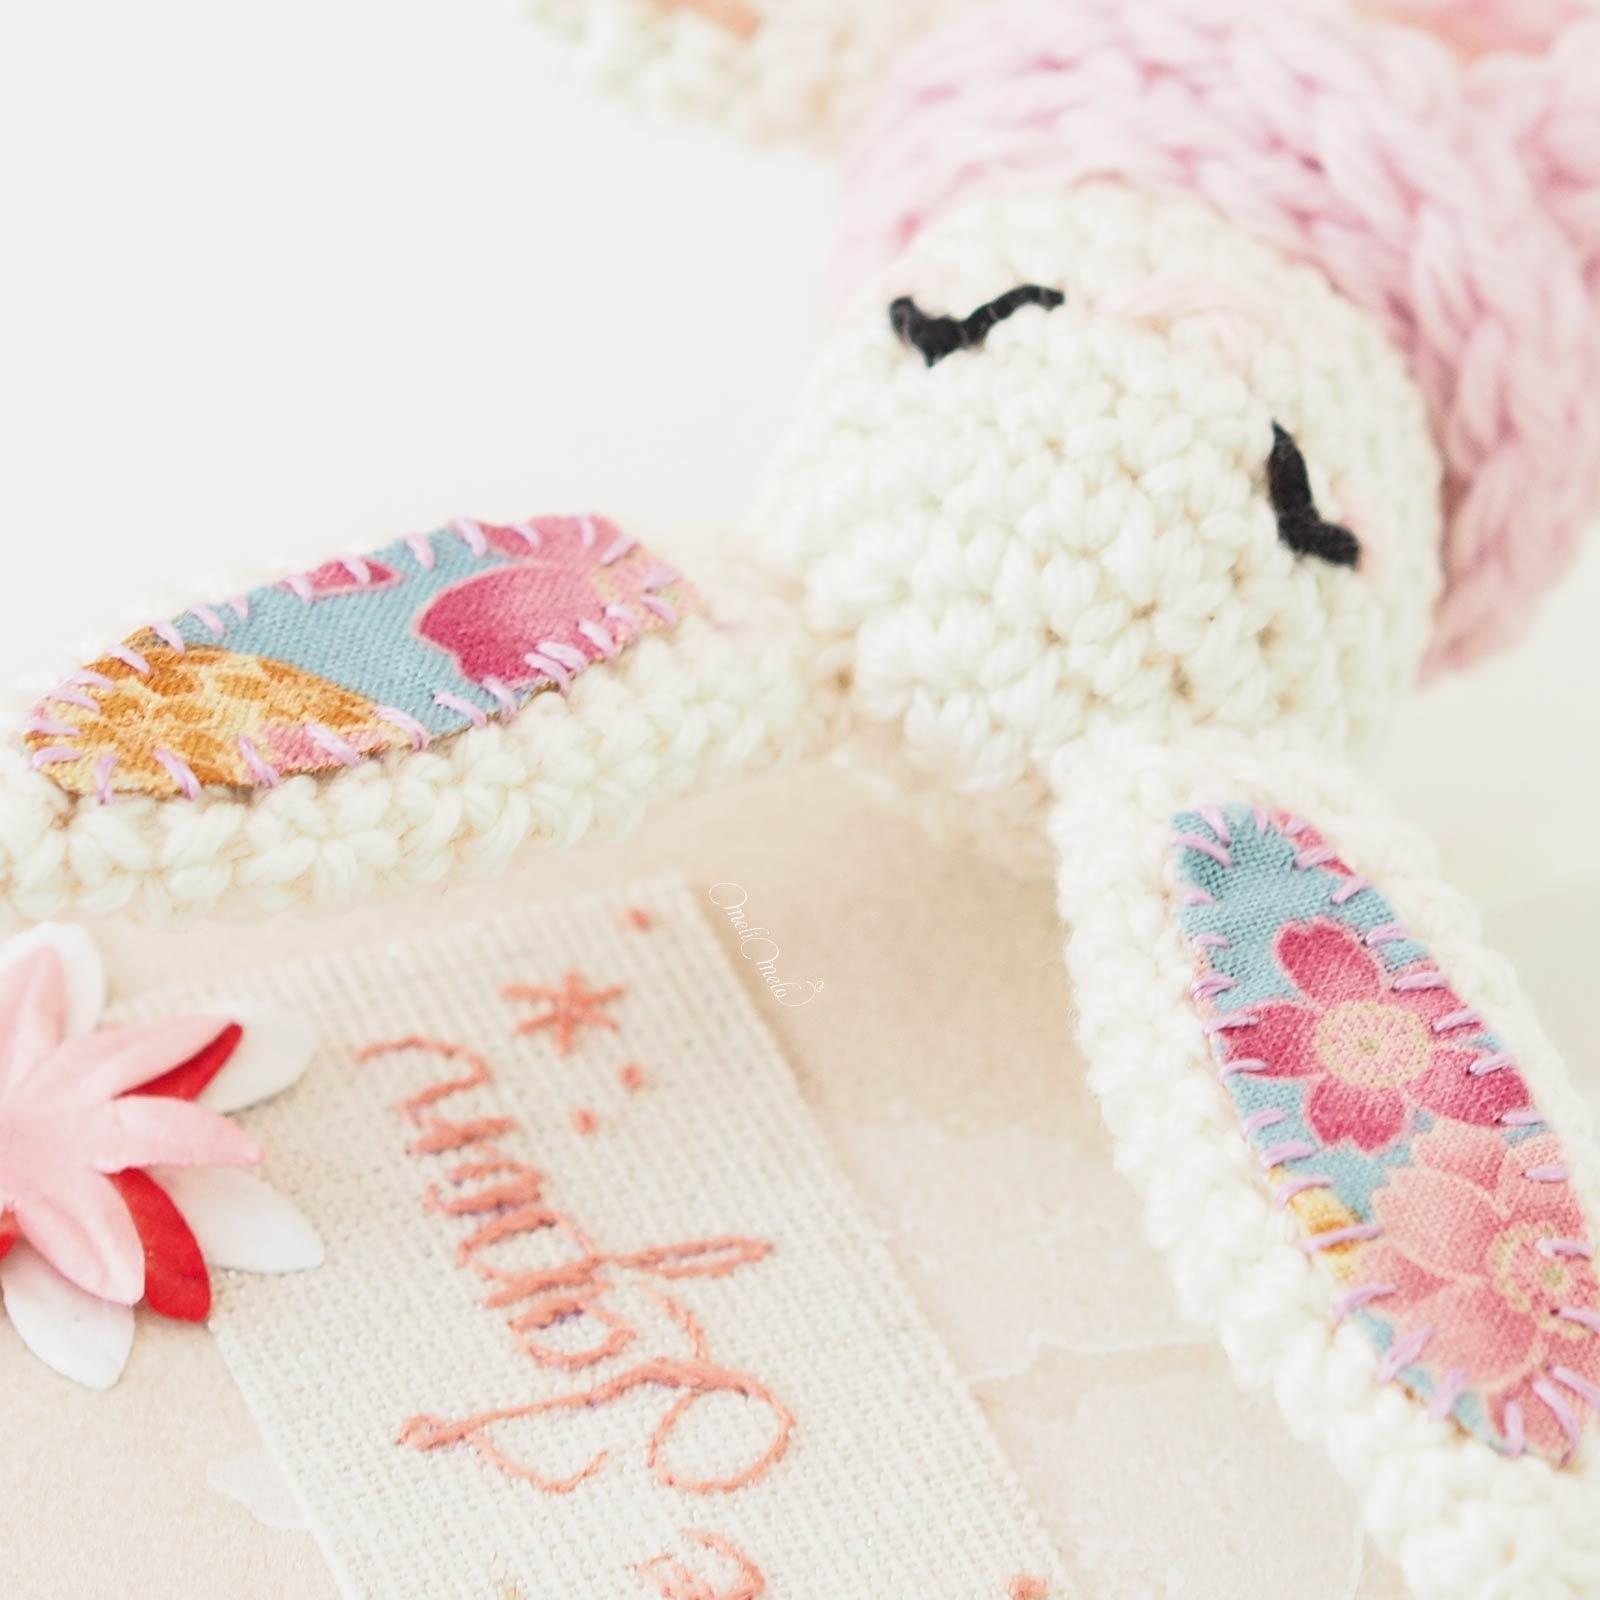 oreilles-lapine-crochet-tissu-japonais-sakura-laboutiquedemelimelo